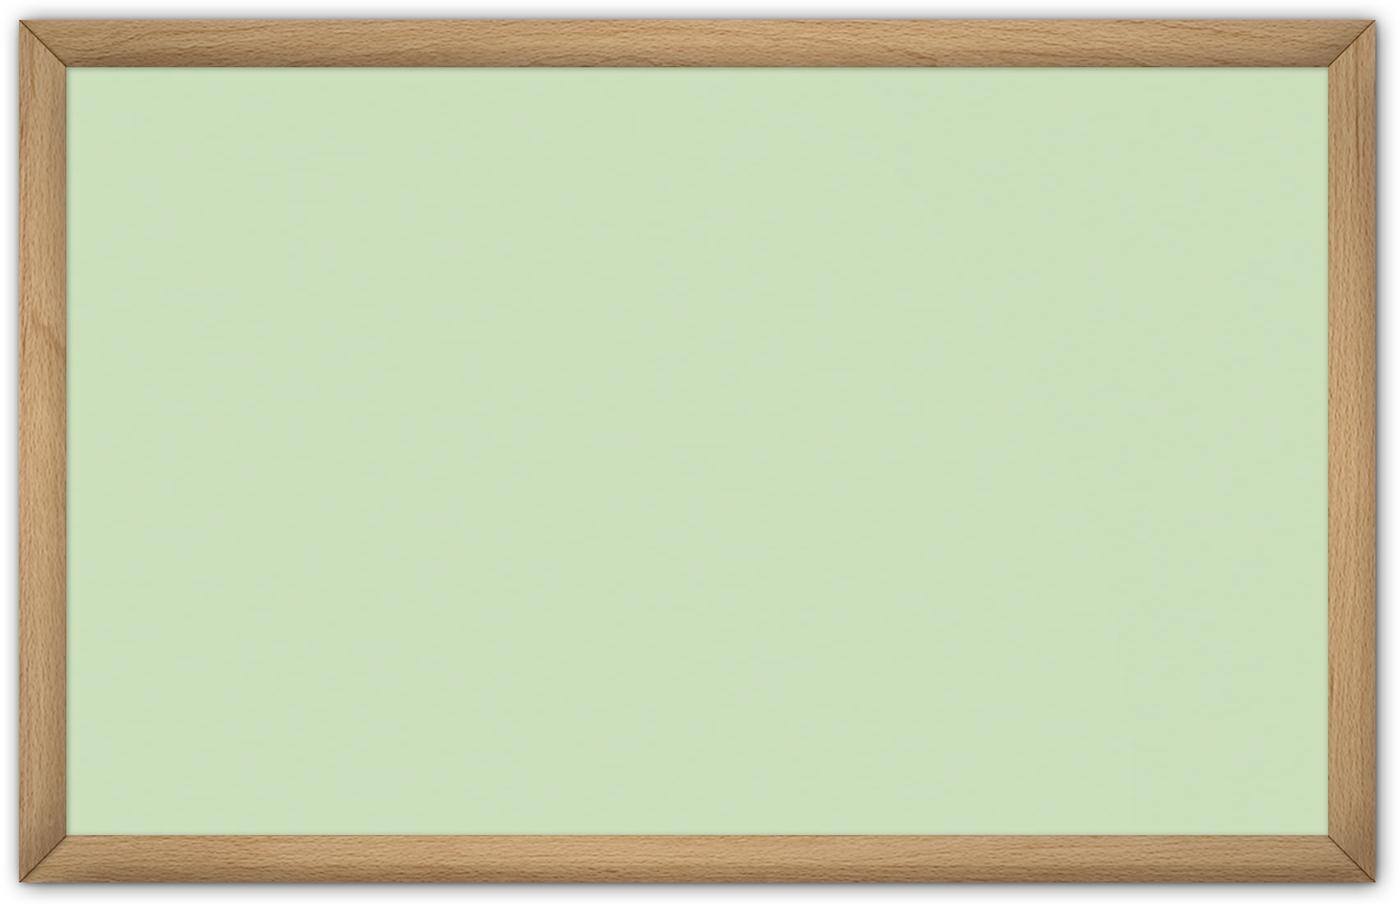 comfortSoft1000 ir. verw.paneel, 500W, 1020 x 650 mm, crème groen, lijst beukenhout gelakt